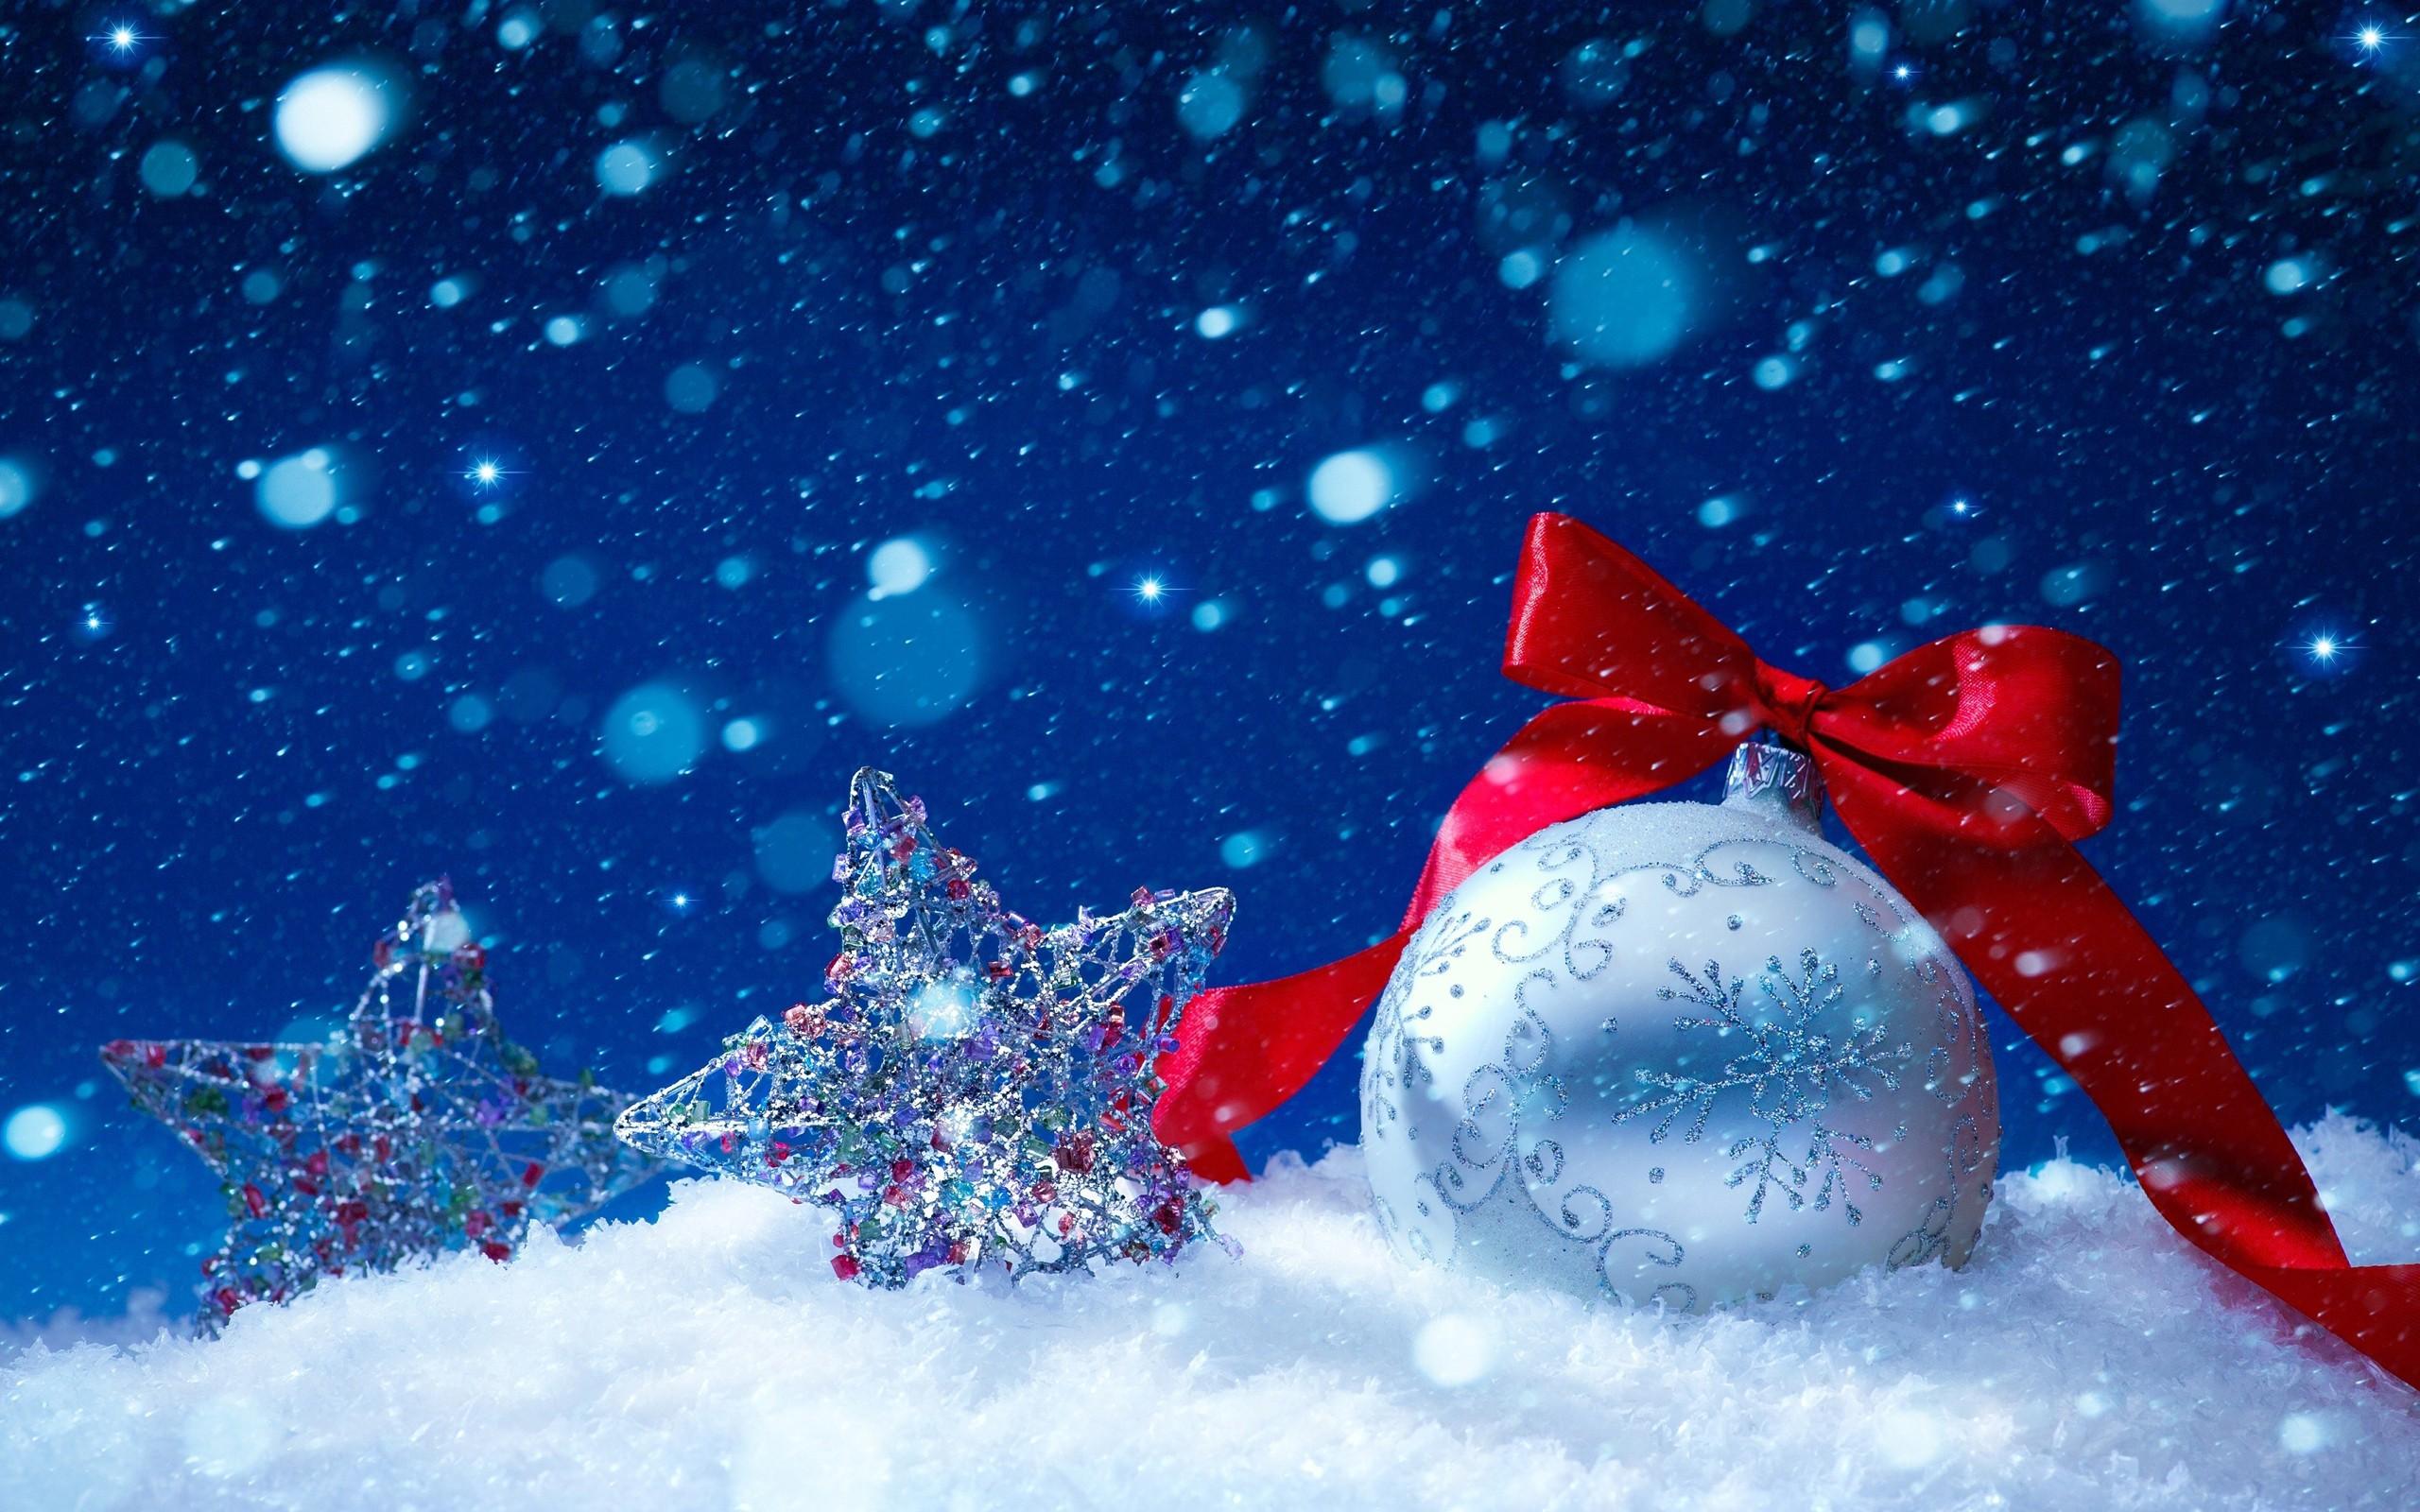 Hintergrundbilder : Schnee, Winter, blau, Schneemann ...